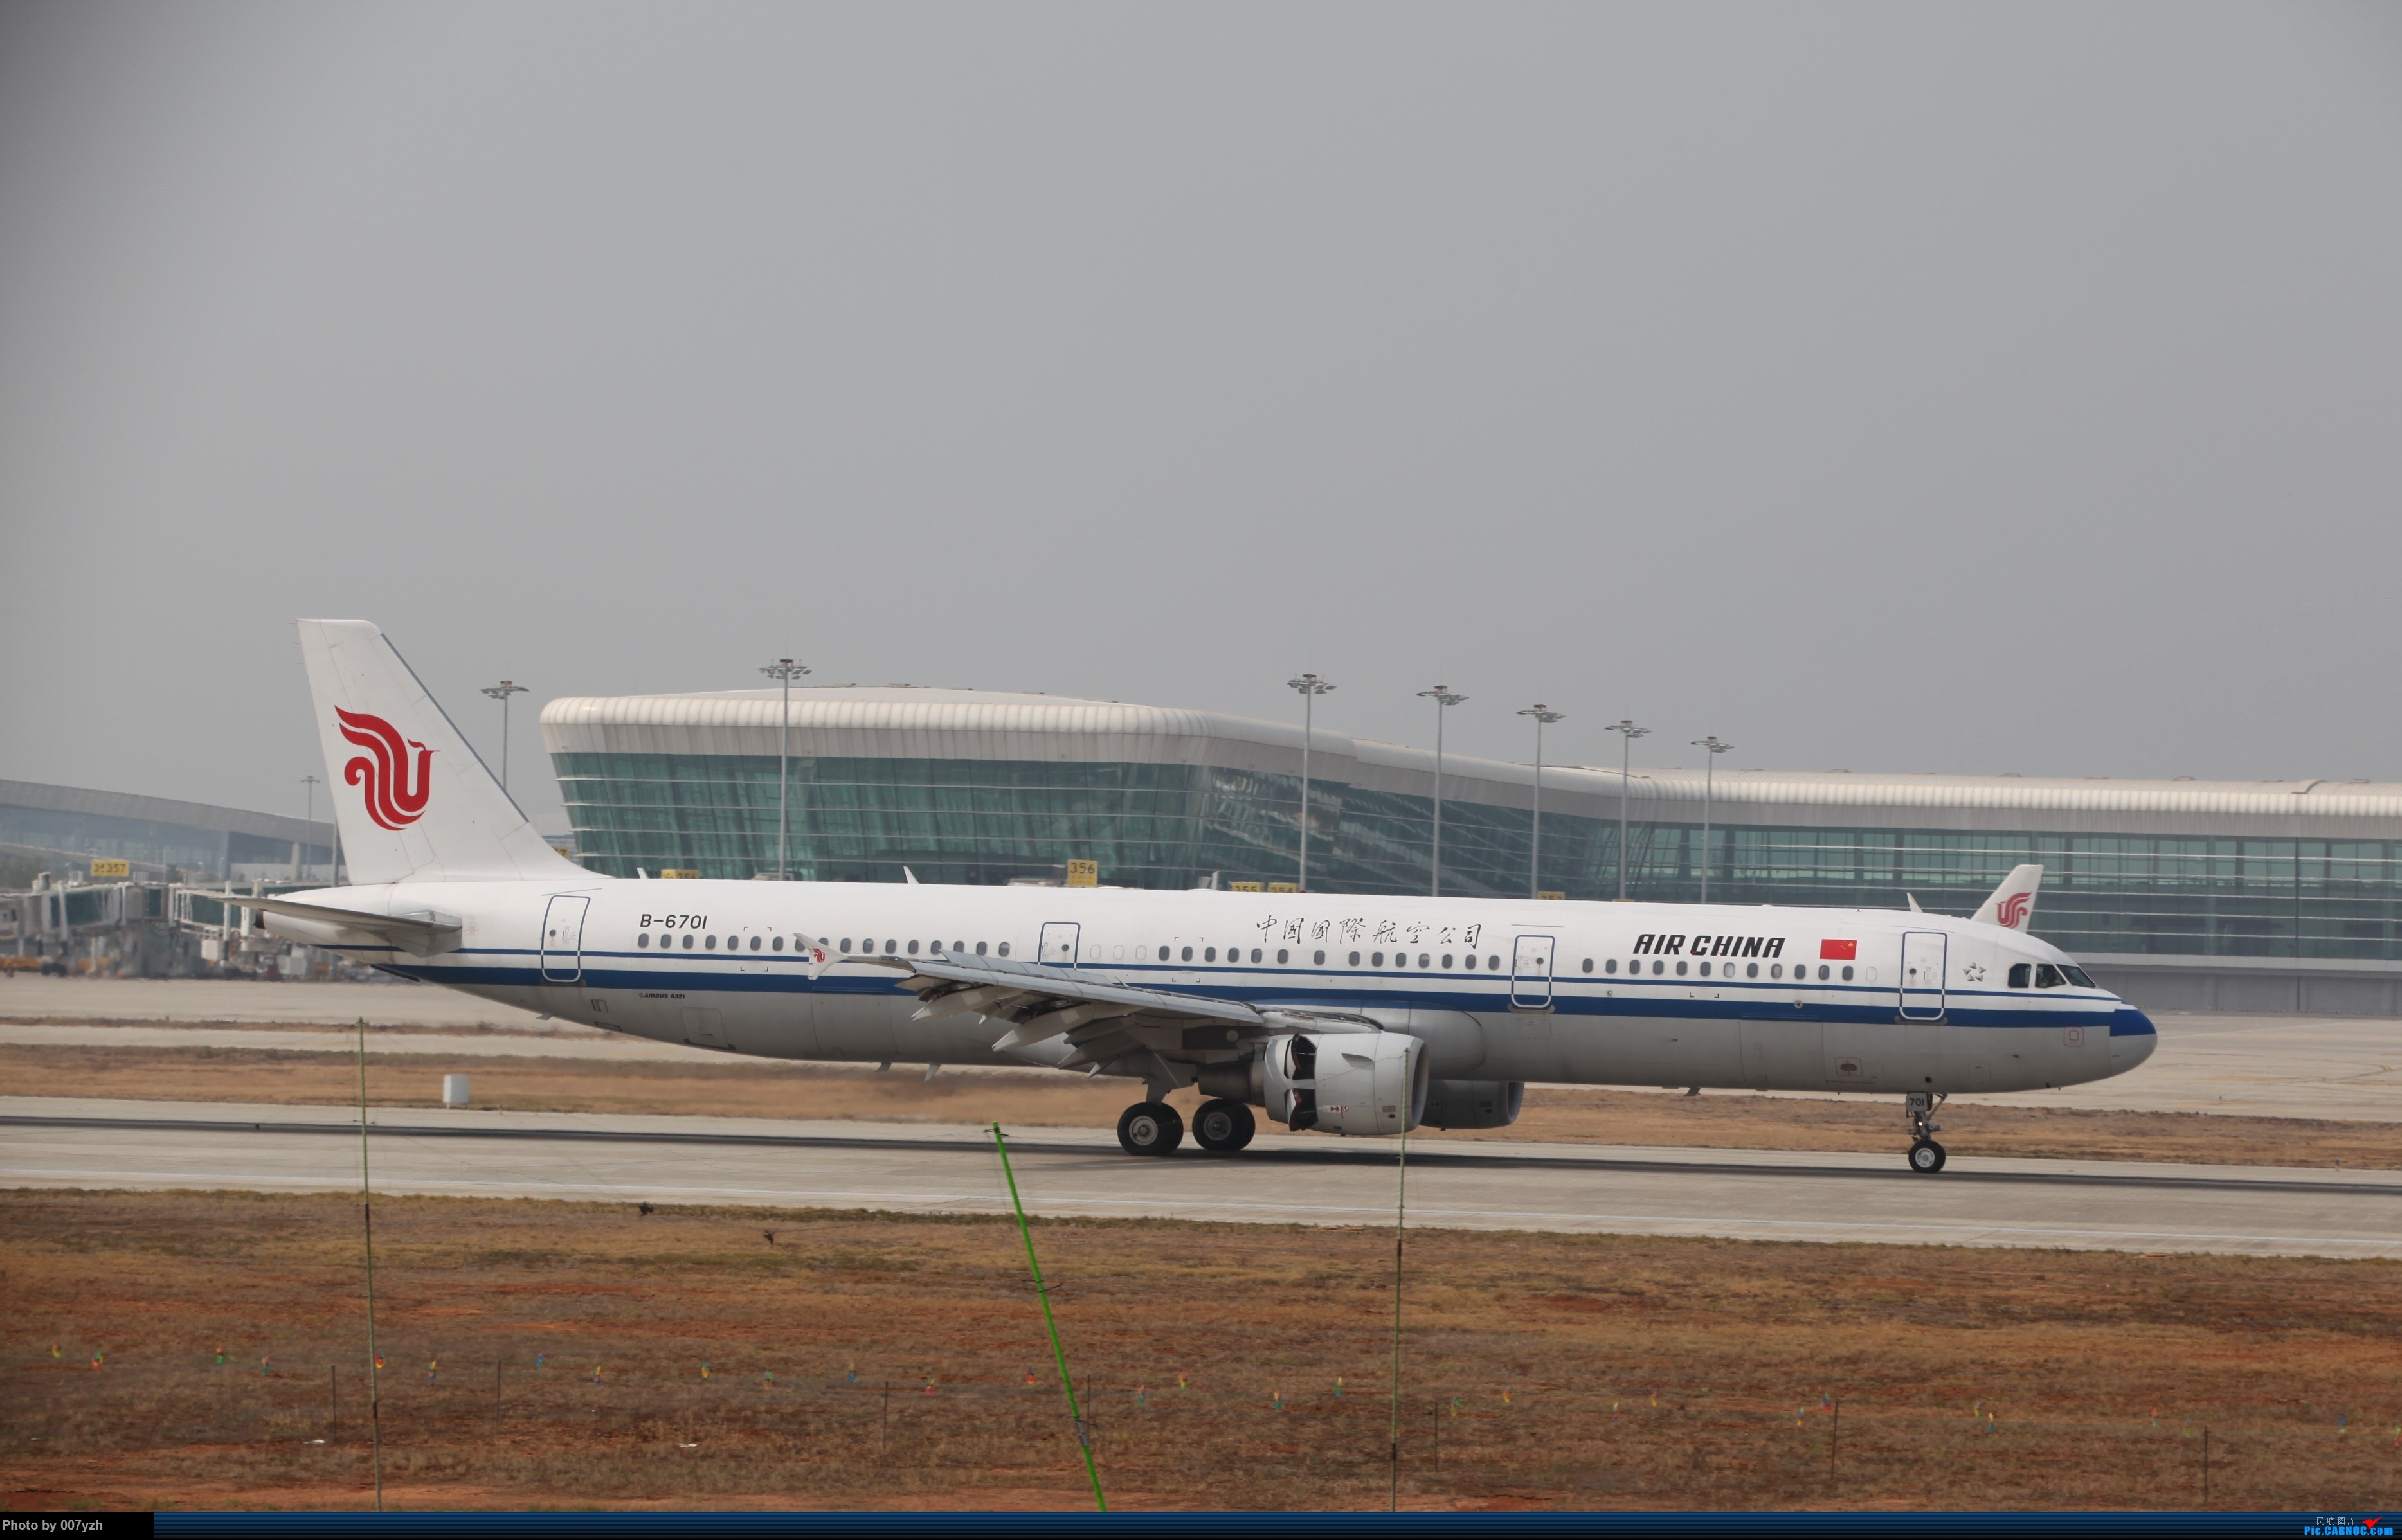 Re:[原创]WUH小拍,终于找到了在WUH拍机的组织 AIRBUS A321-200 B-6701 中国武汉天河国际机场